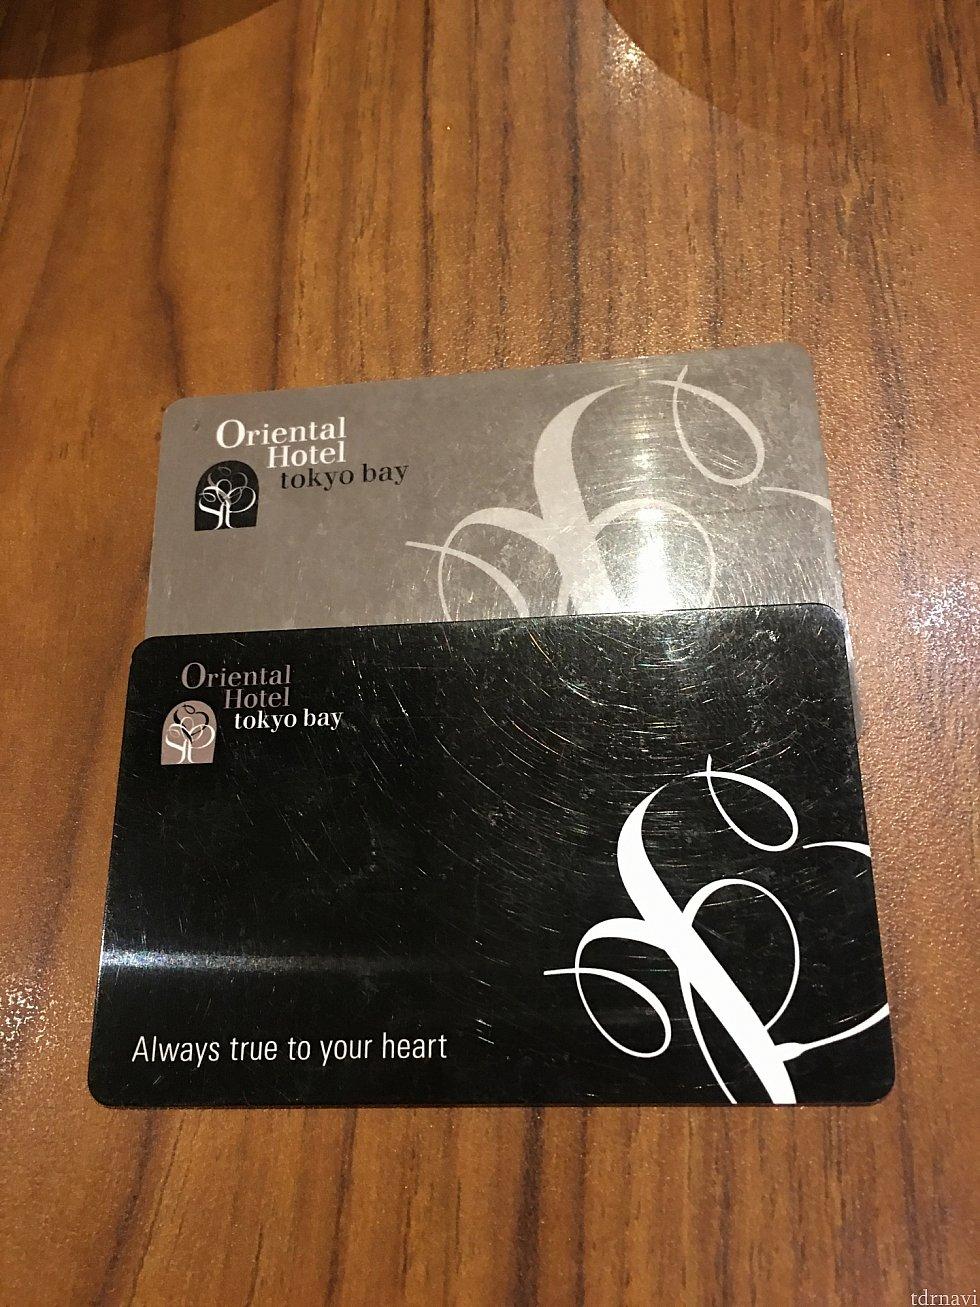 メンバーズカードを作るとレストラン利用料金が5%オフとポイントが10%つきます(^o^)上がメンバーズカード下がルームキー